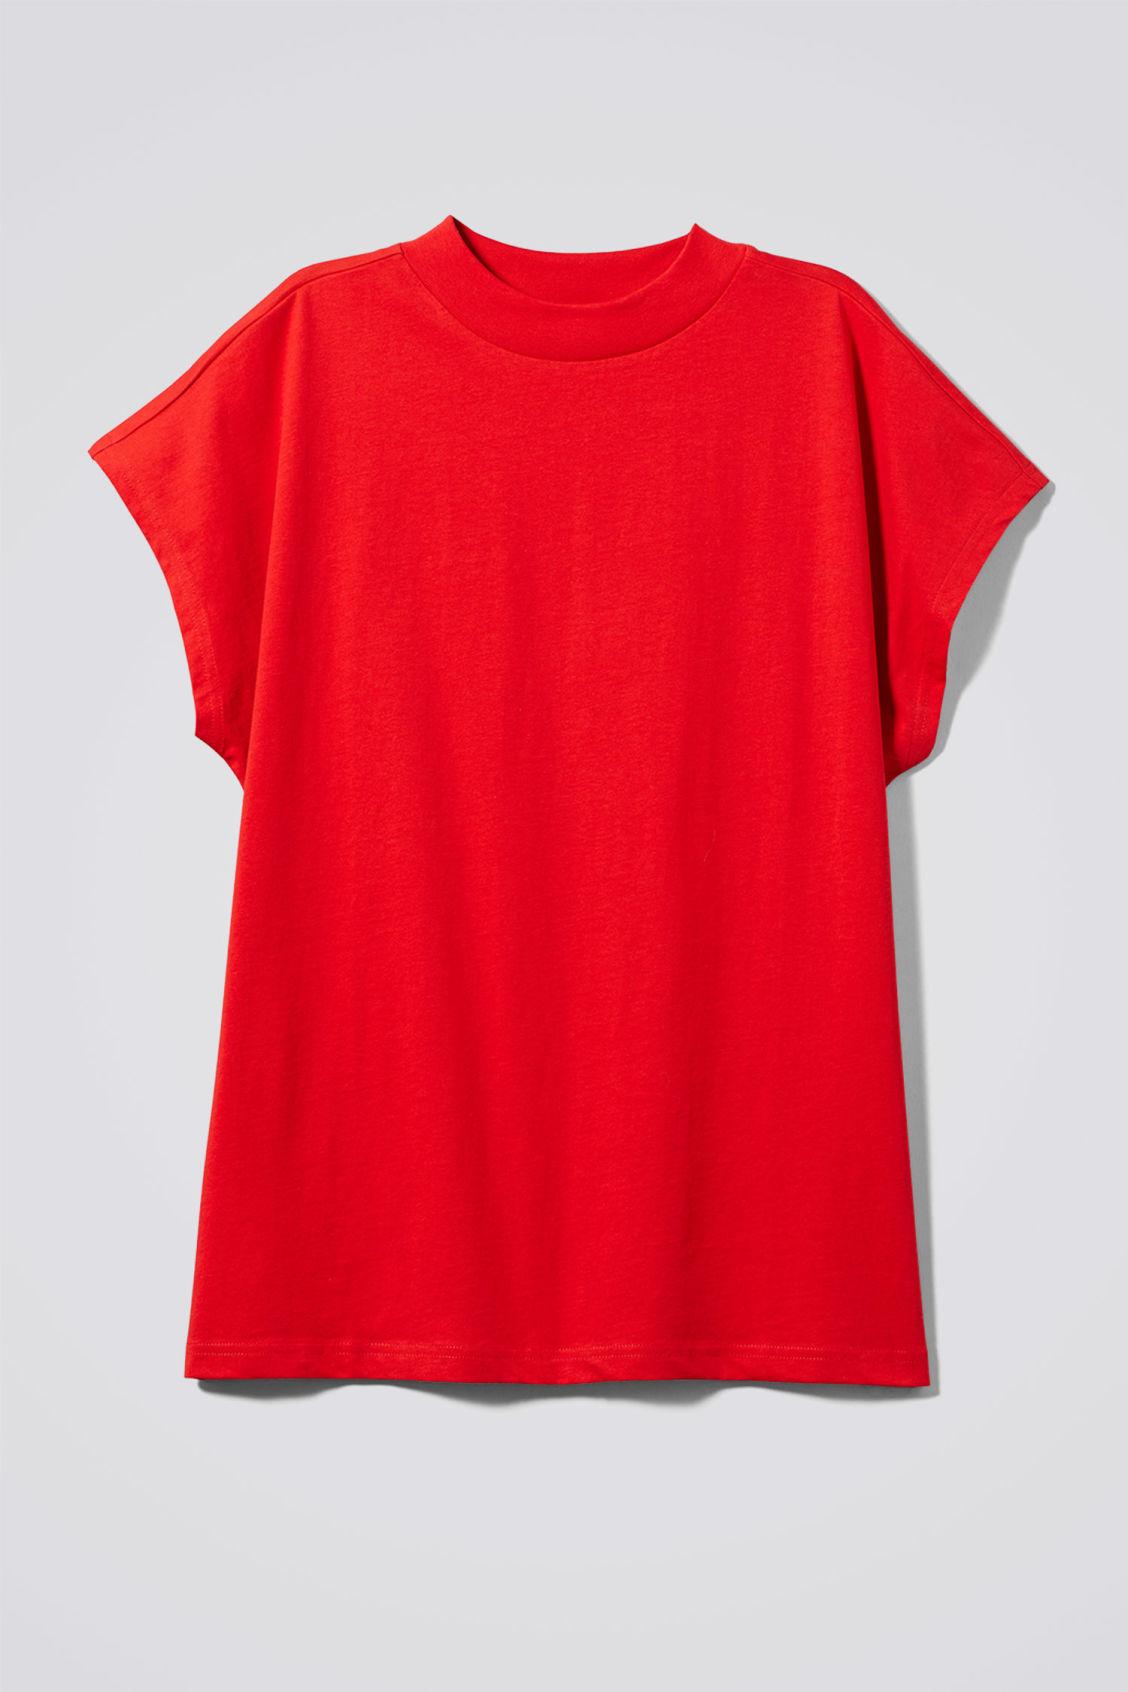 Weekday Prime T-Shirt - Red Huge Surprise nVN3hrviC